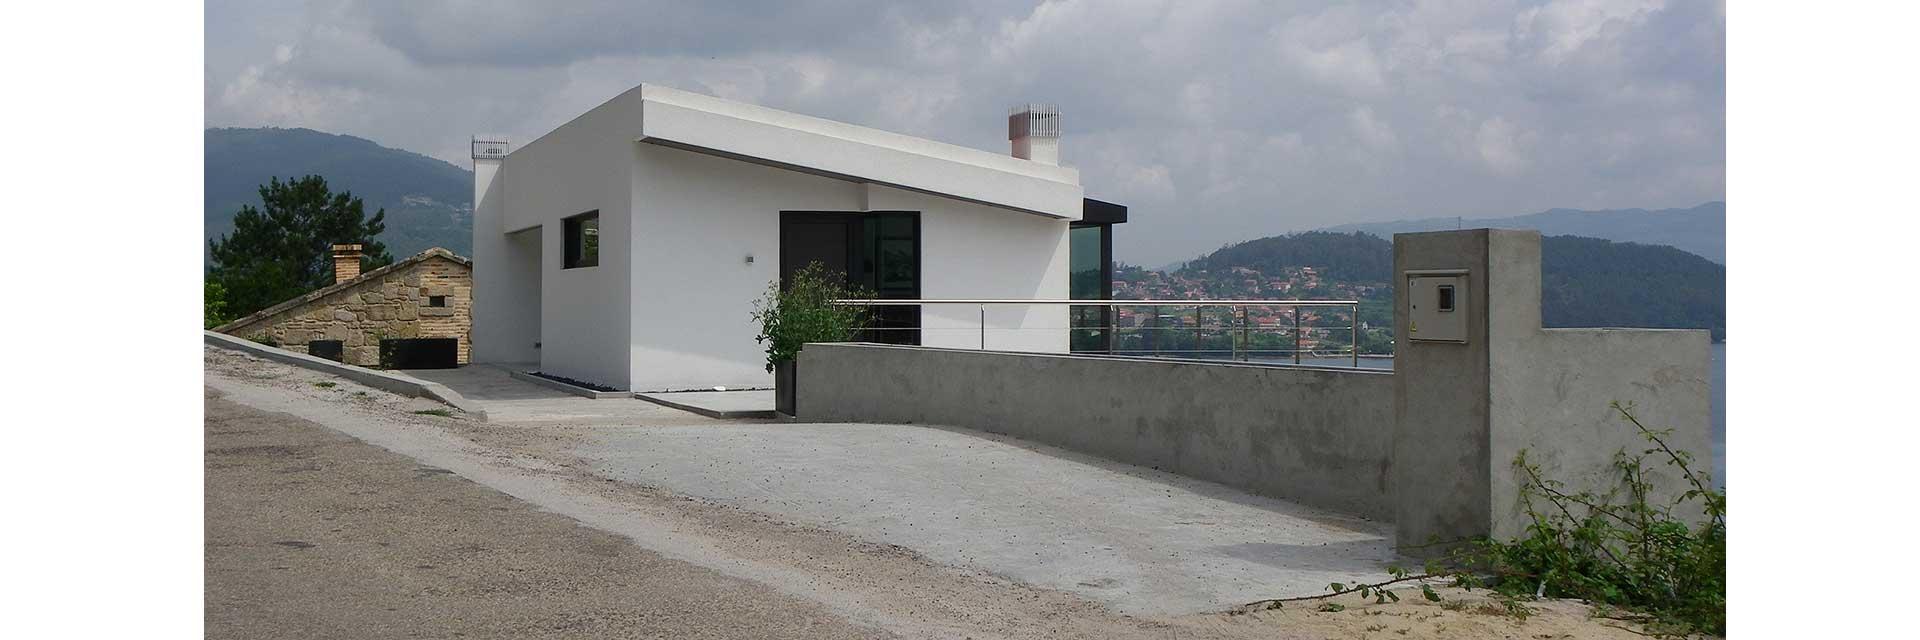 construcciones-modernas